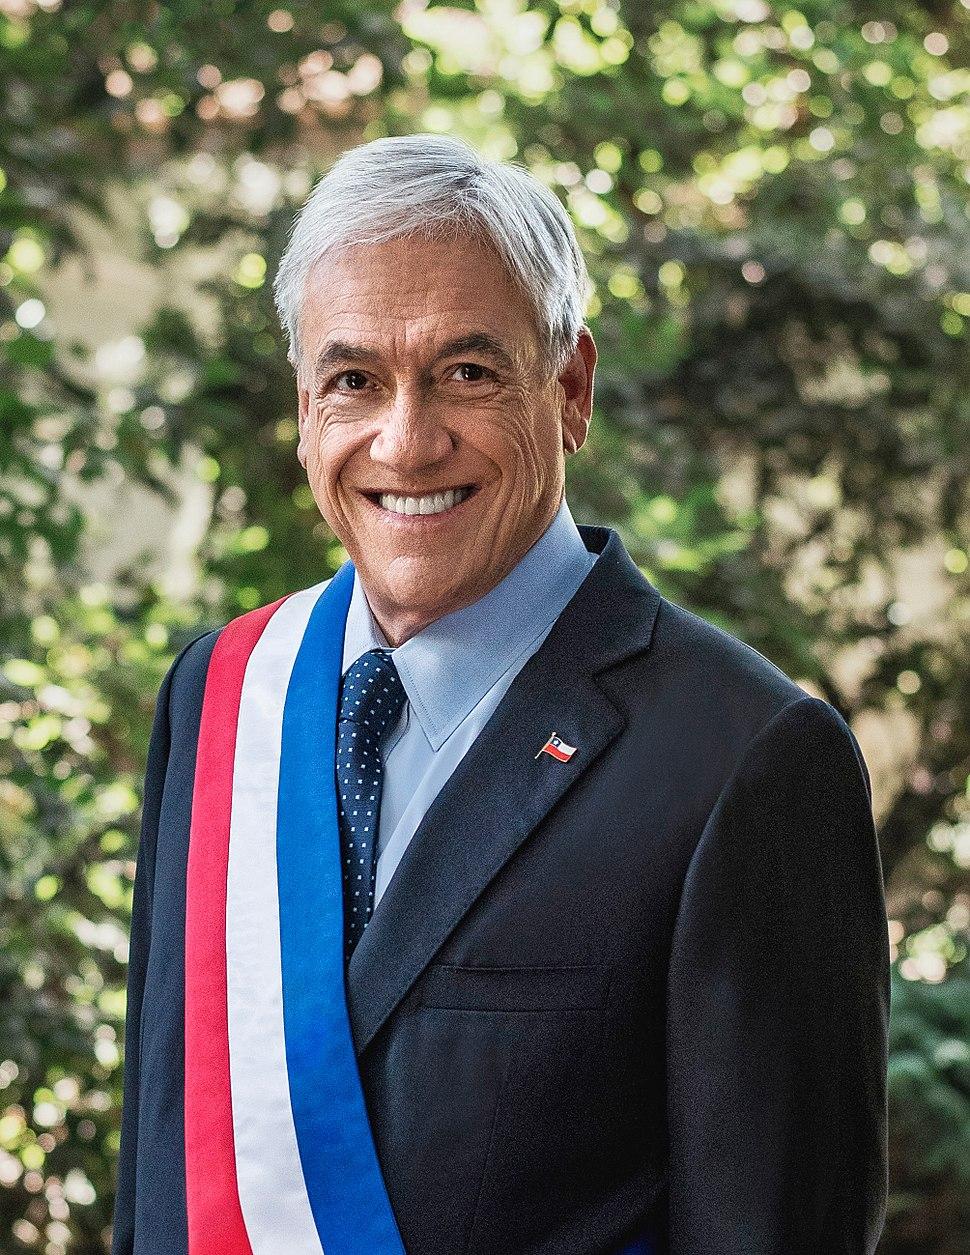 Retrato Oficial Presidente Piñera 2018